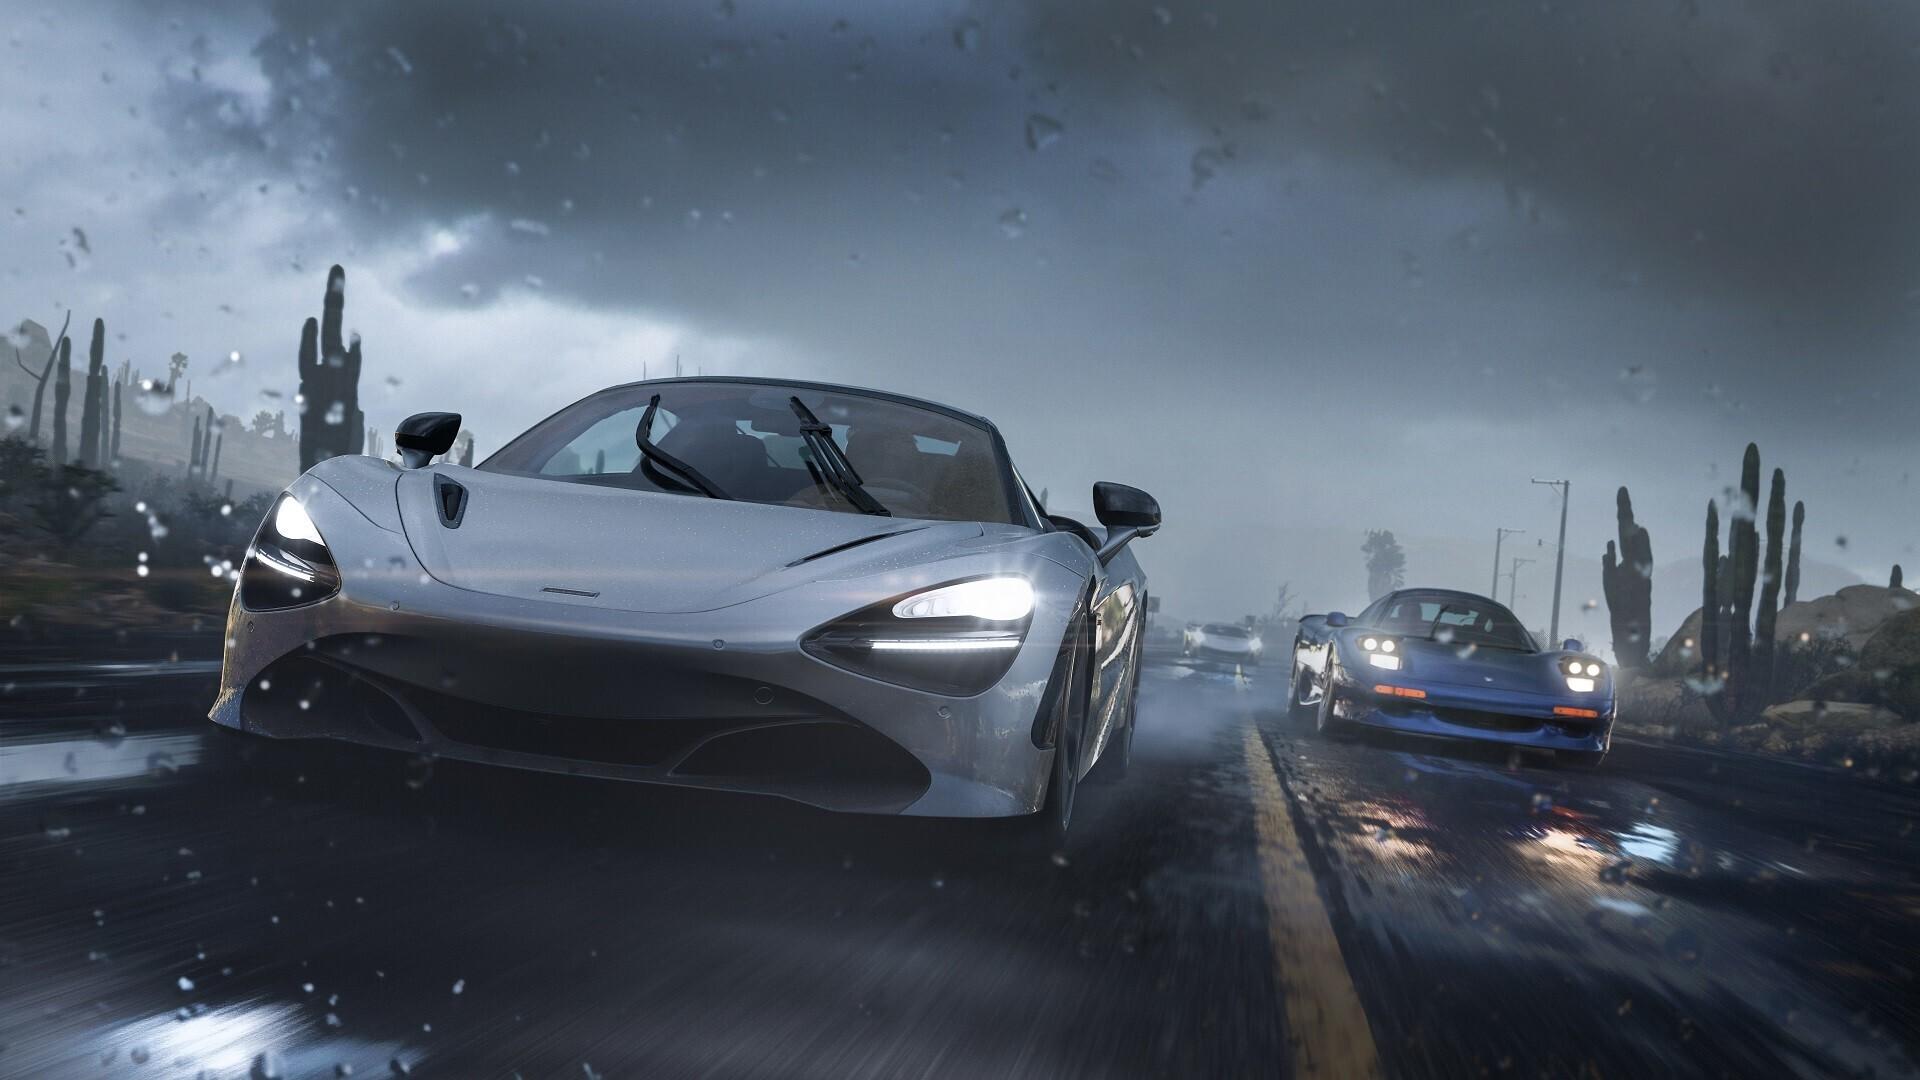 Forza Horizon 5 выглядит потрясающе. Что известно об одном из самых красивых гоночных симуляторов?